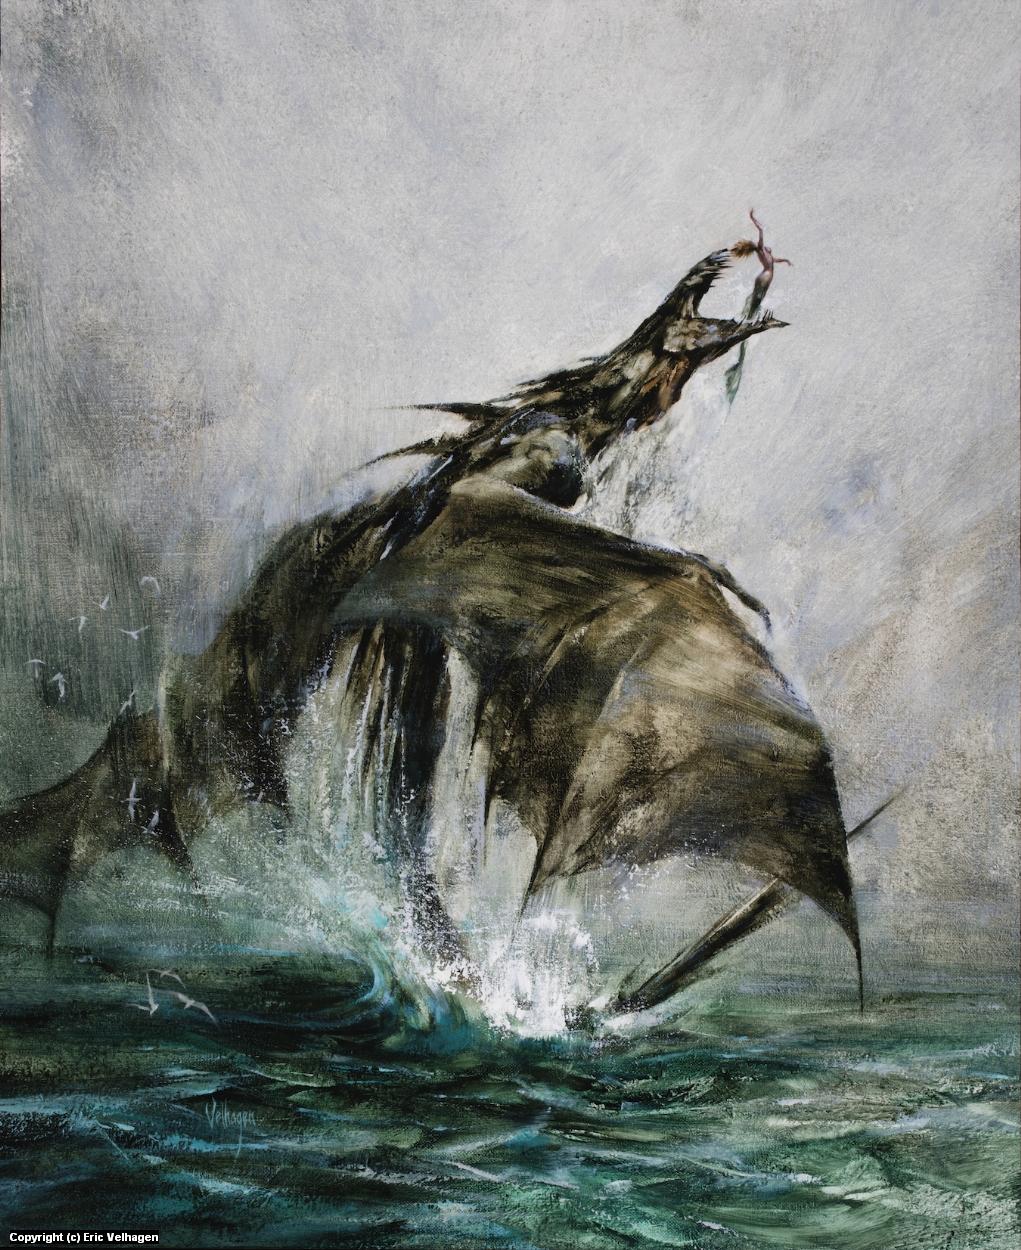 Kingfisher Artwork by Eric Velhagen